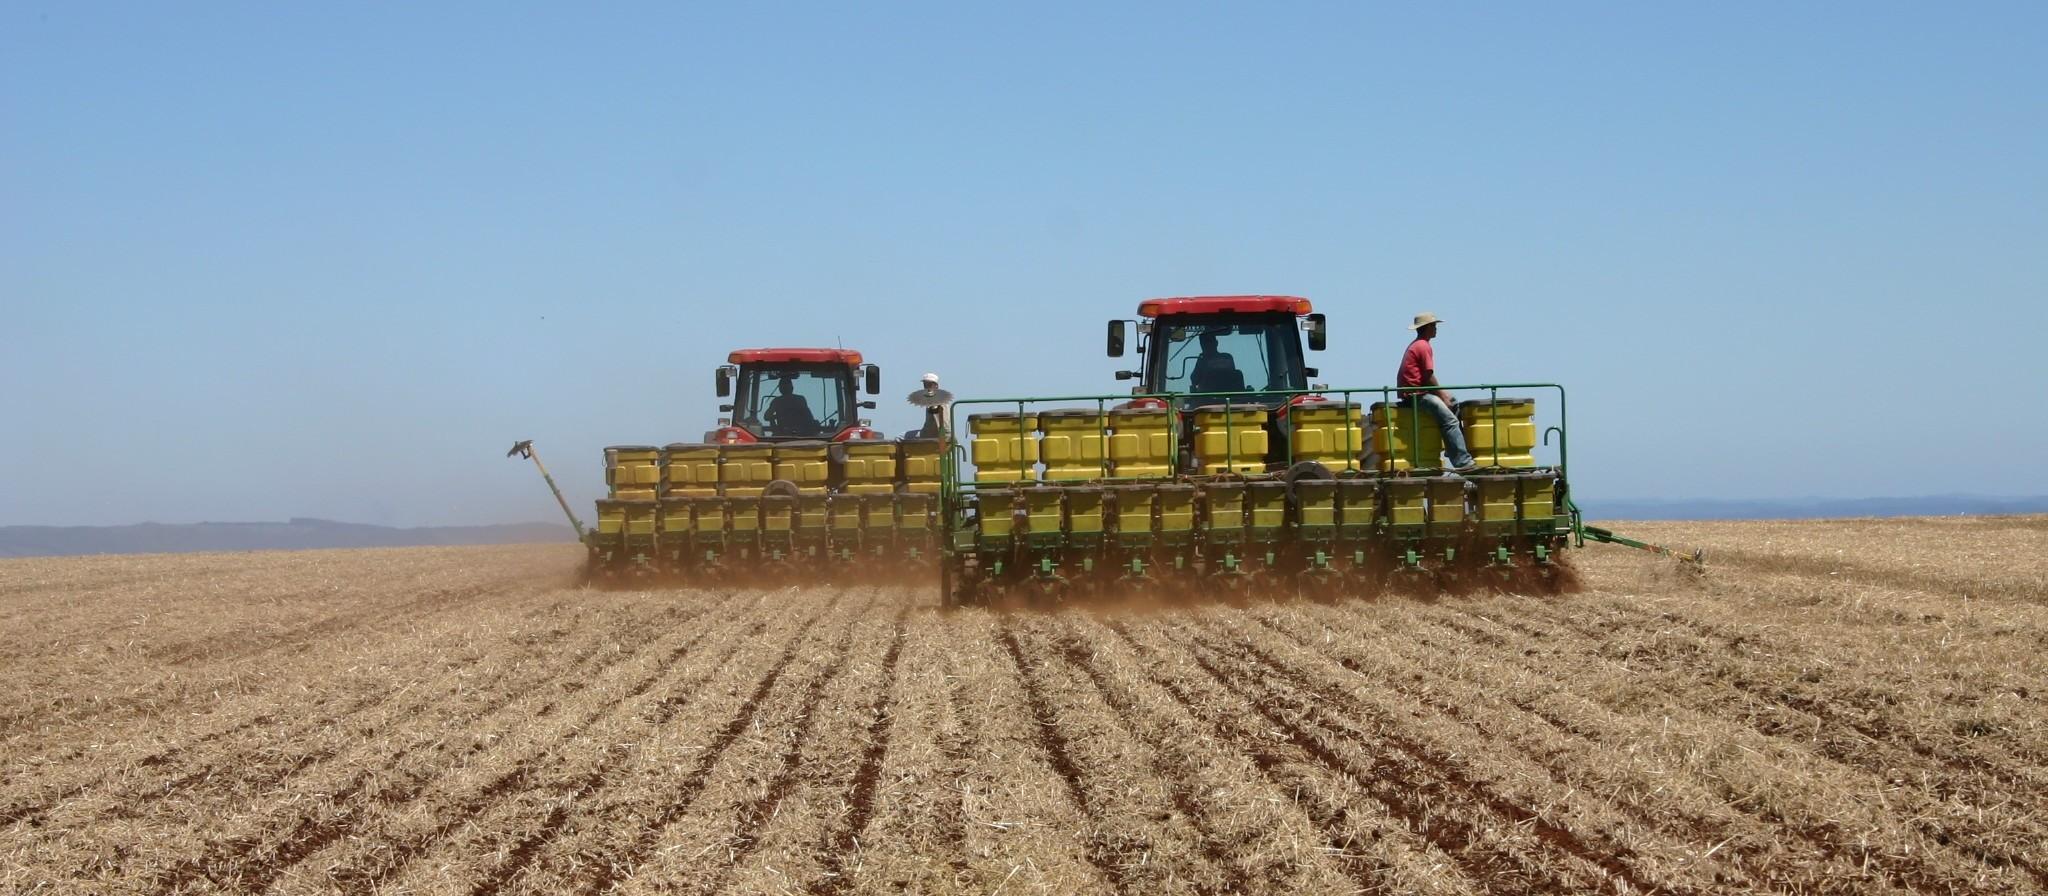 Produção de cereais em 2019 deve chegar a 228,8 milhões de toneladas